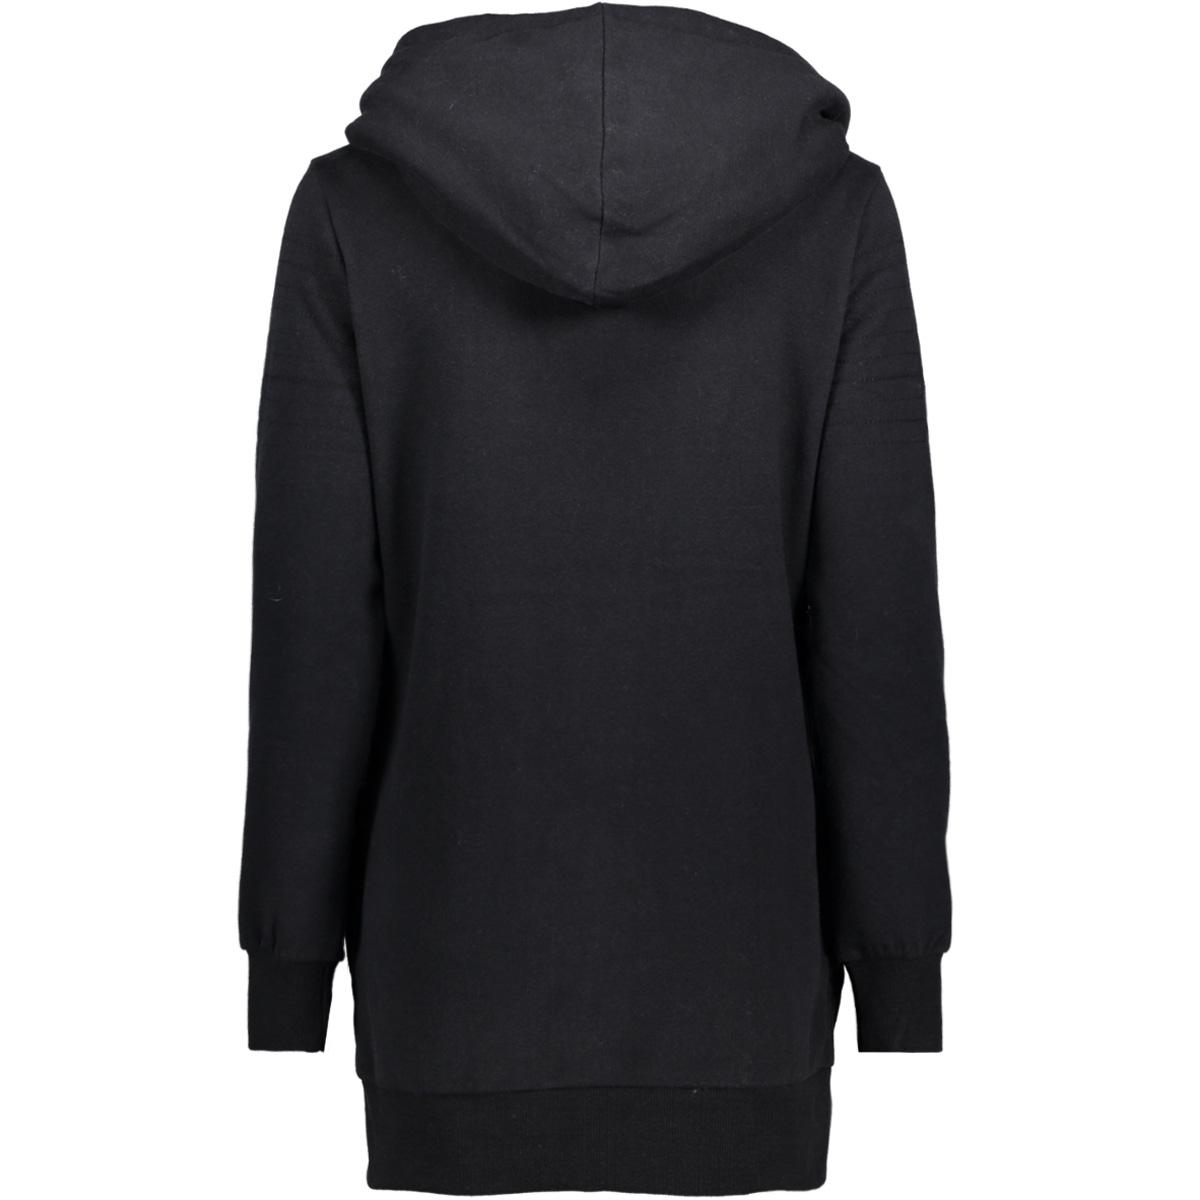 onlvega l/s zip hood swt 15146888 only vest black